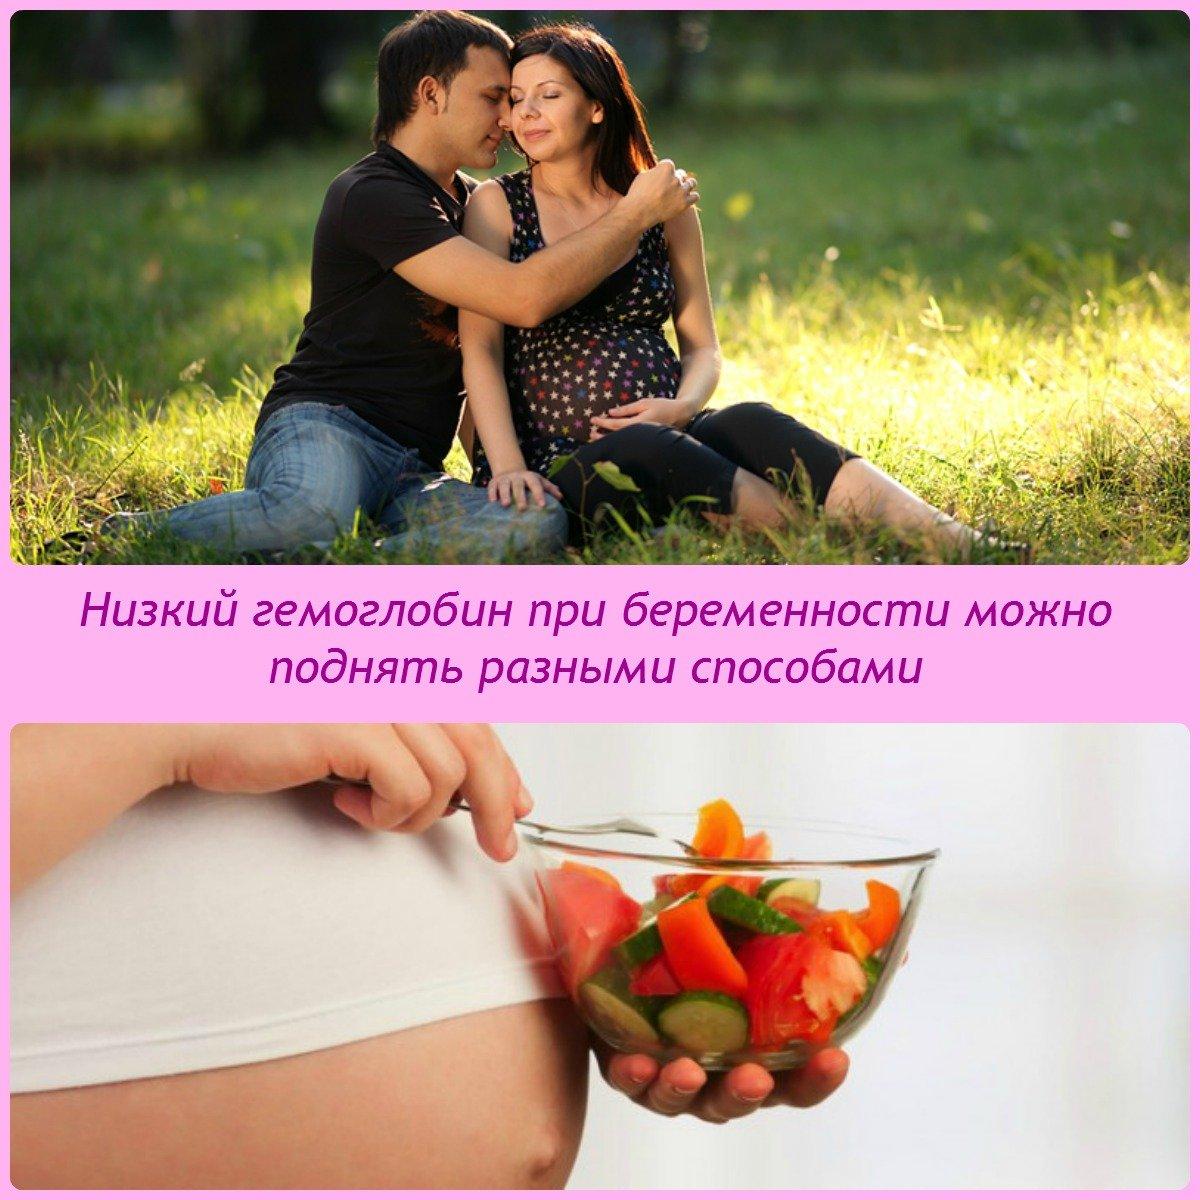 Как беременной поднять гемоглобин 64